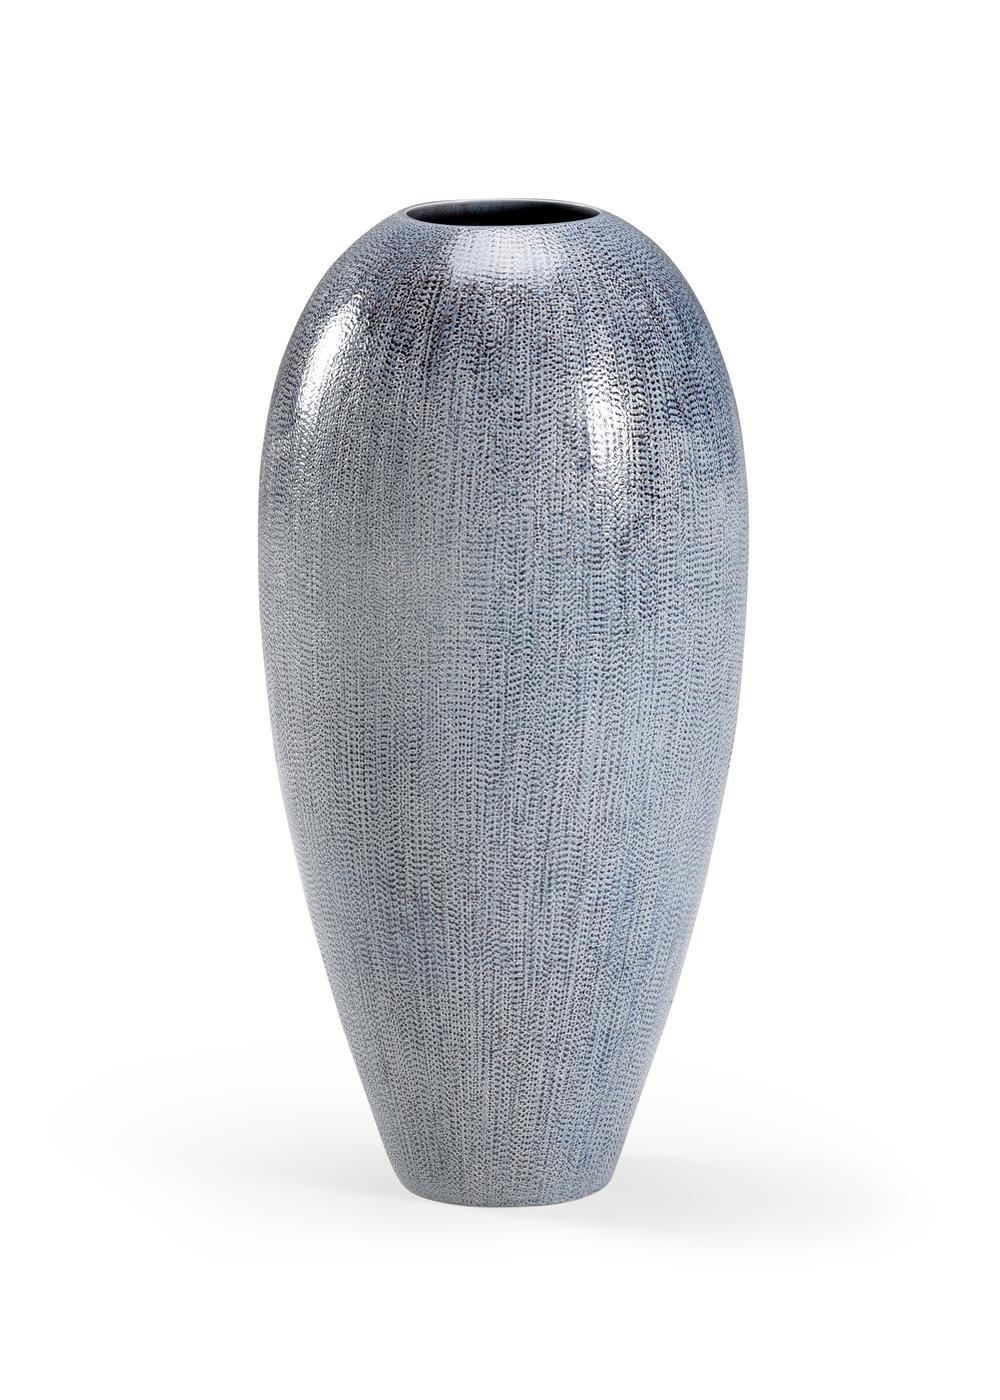 Chelsea House - Tall Granger Vase